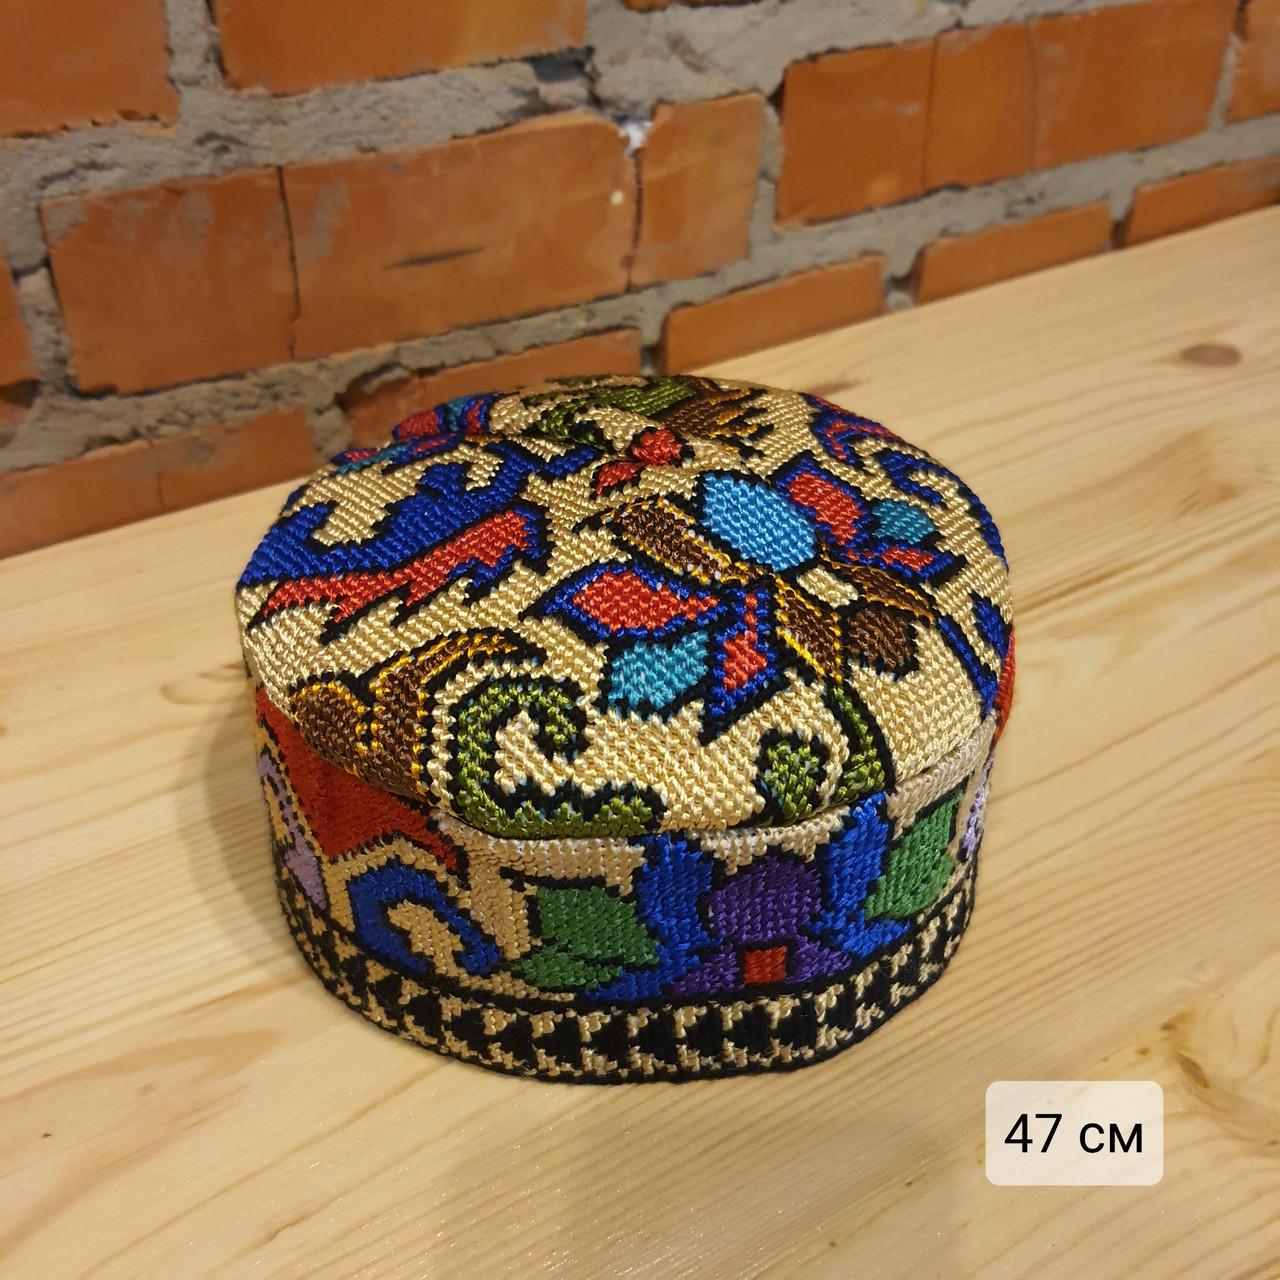 Узбекская тюбетейка 47 см. Ручная вышивка. Узбекистан (49)